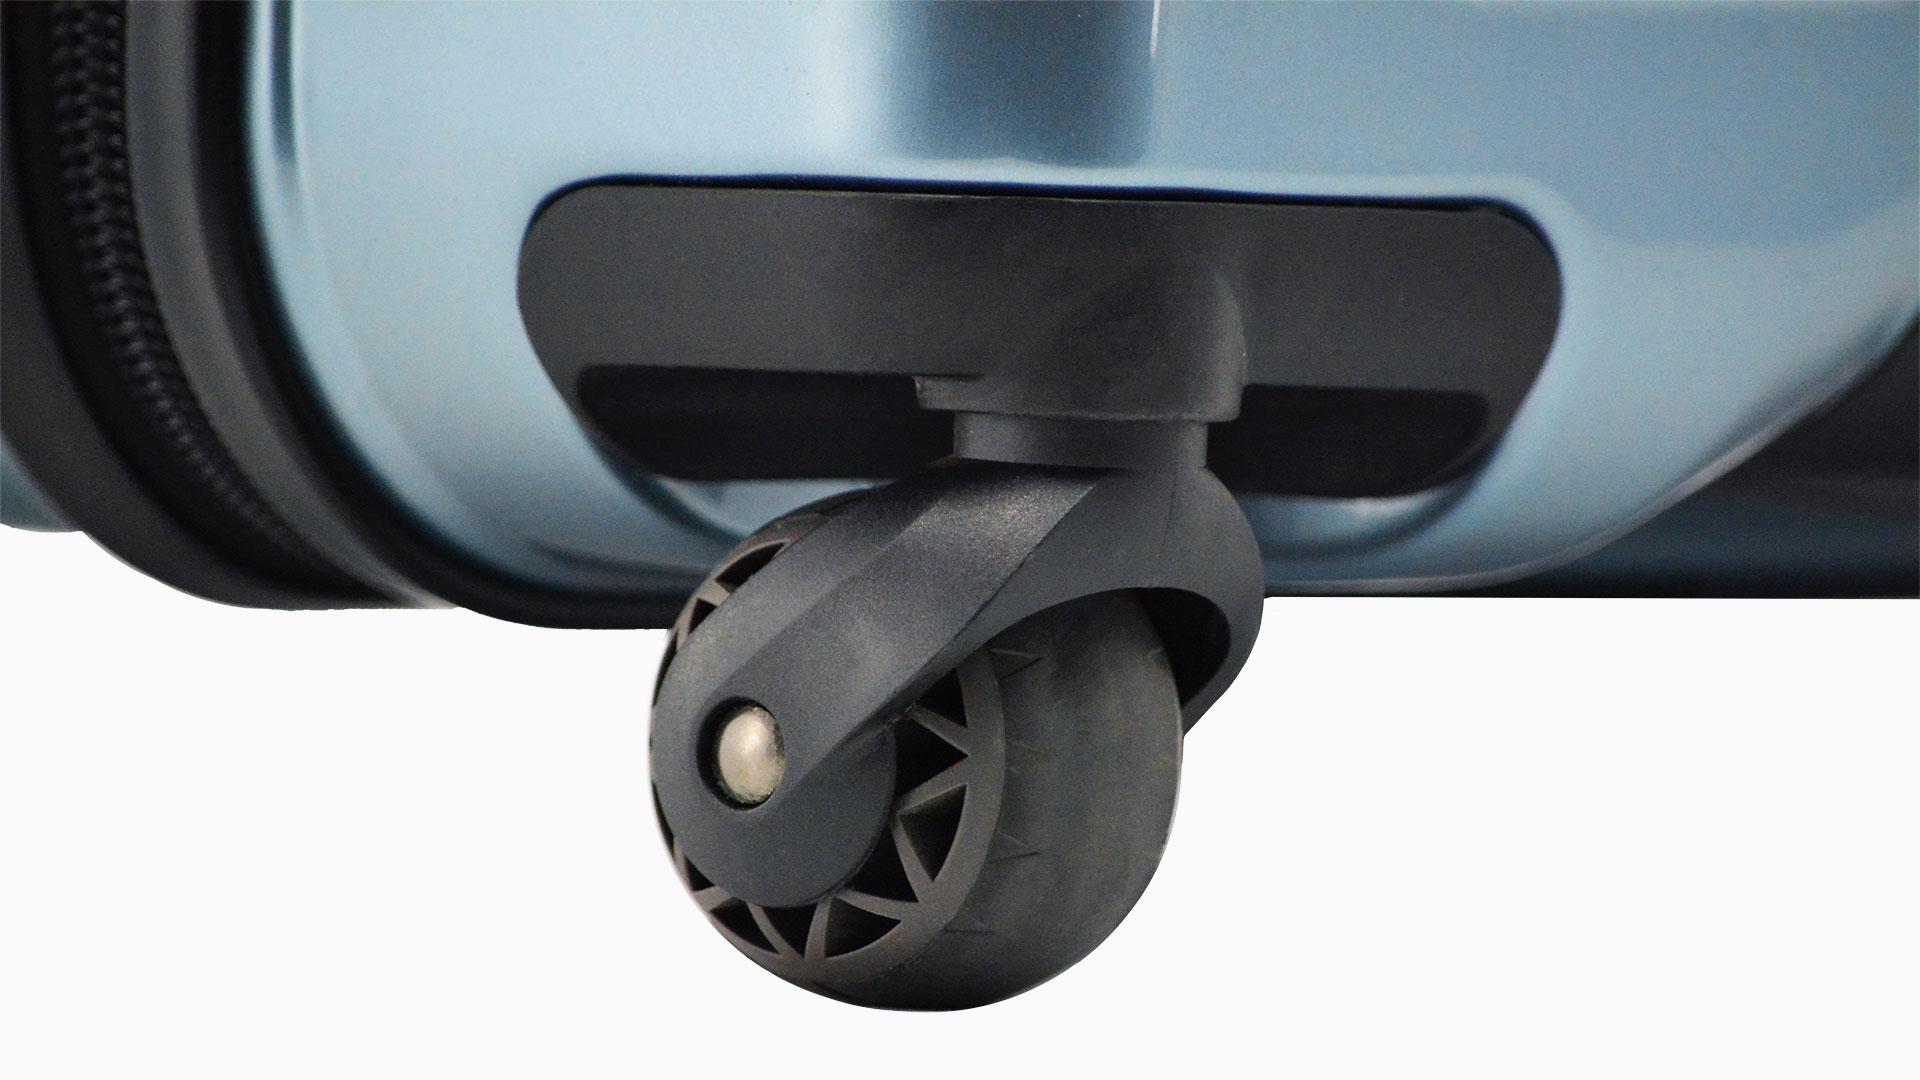 top design dirt cheap affordable price Sostituire le ruote del trolley: guida per Dare nuova vita ...